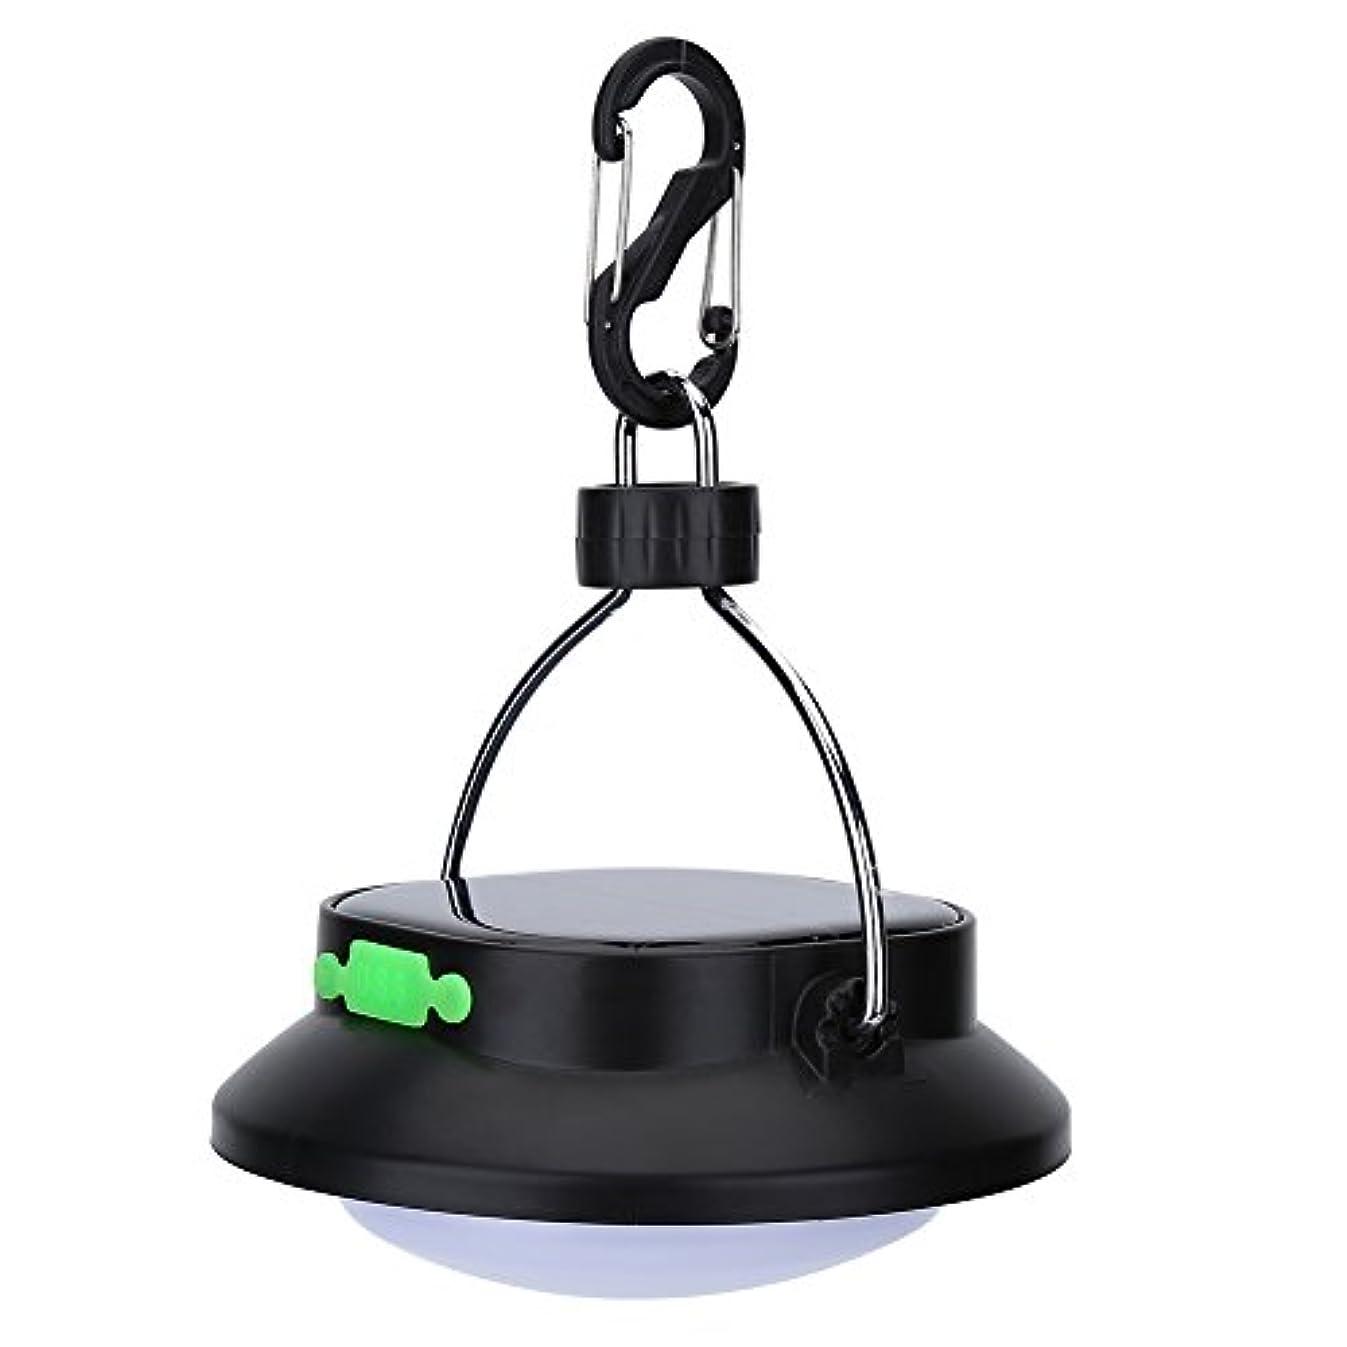 家禽模倣戦士ランタン キャンプライト VBESTLIFE LEDソーラーライト 超明るい 屋外照明 装飾 庭/芝生/玄関先適用 多機能フットライト 掛け式 省エネ USB充電式 照明ライト